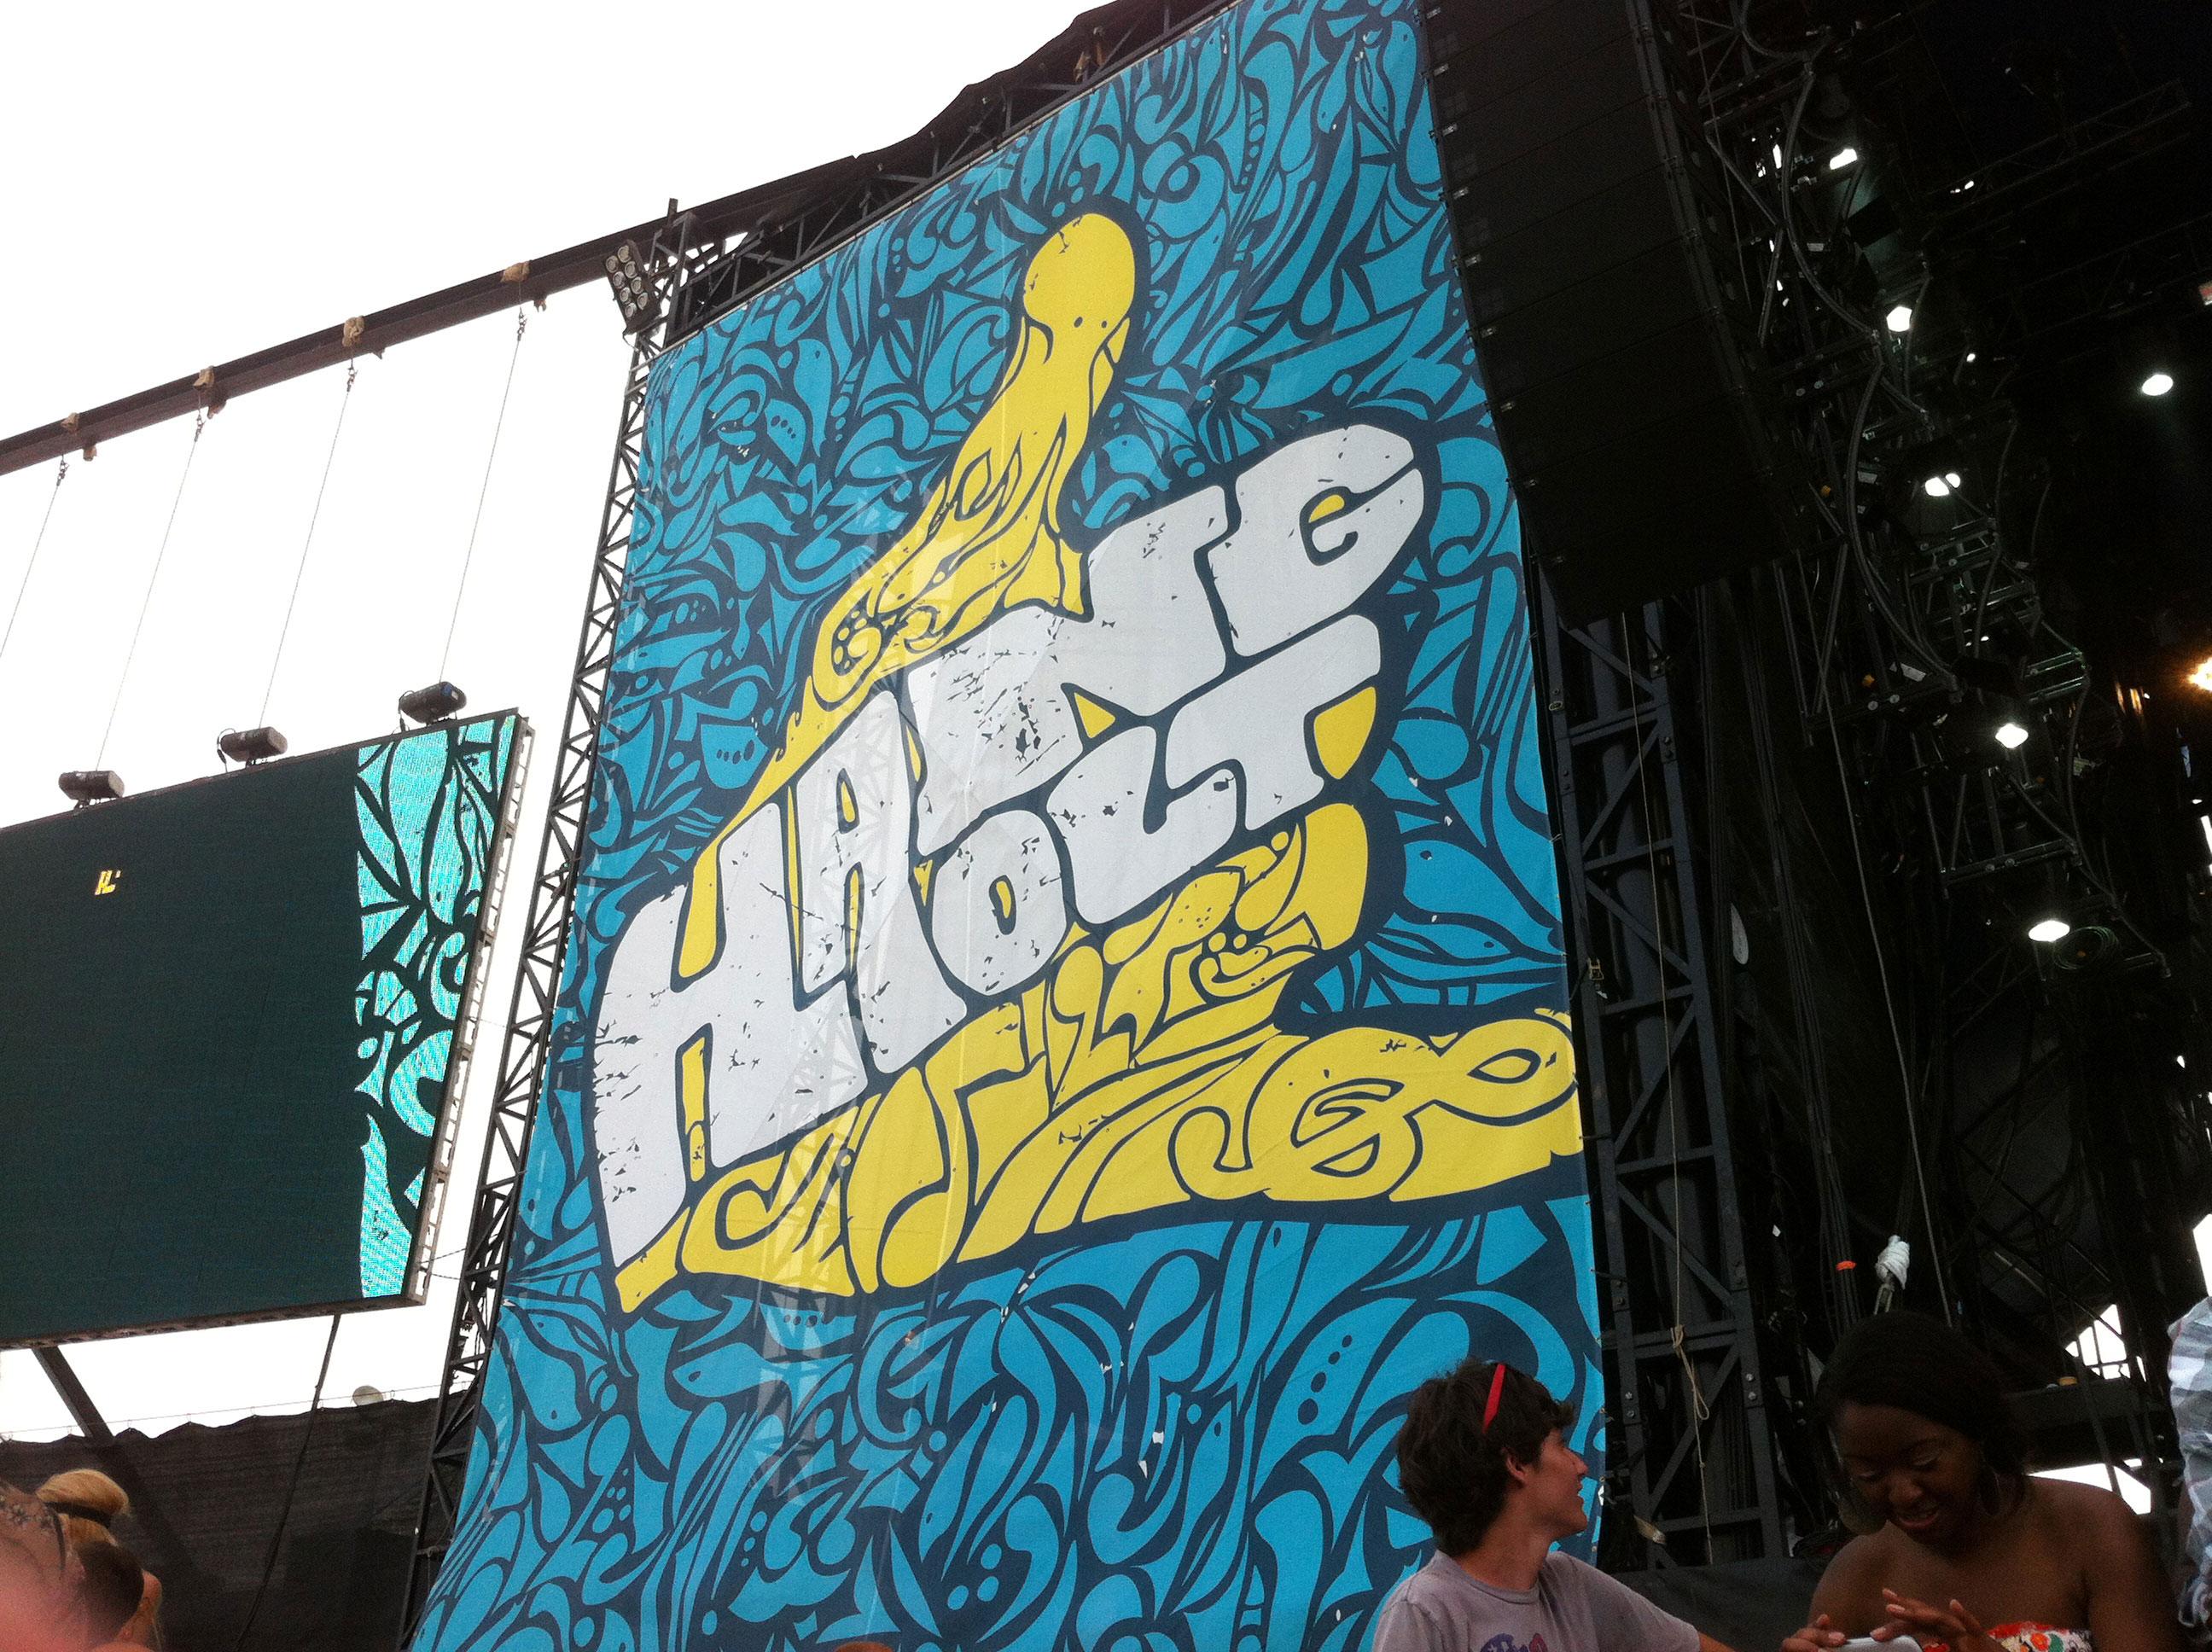 hangout music festival wikipedia